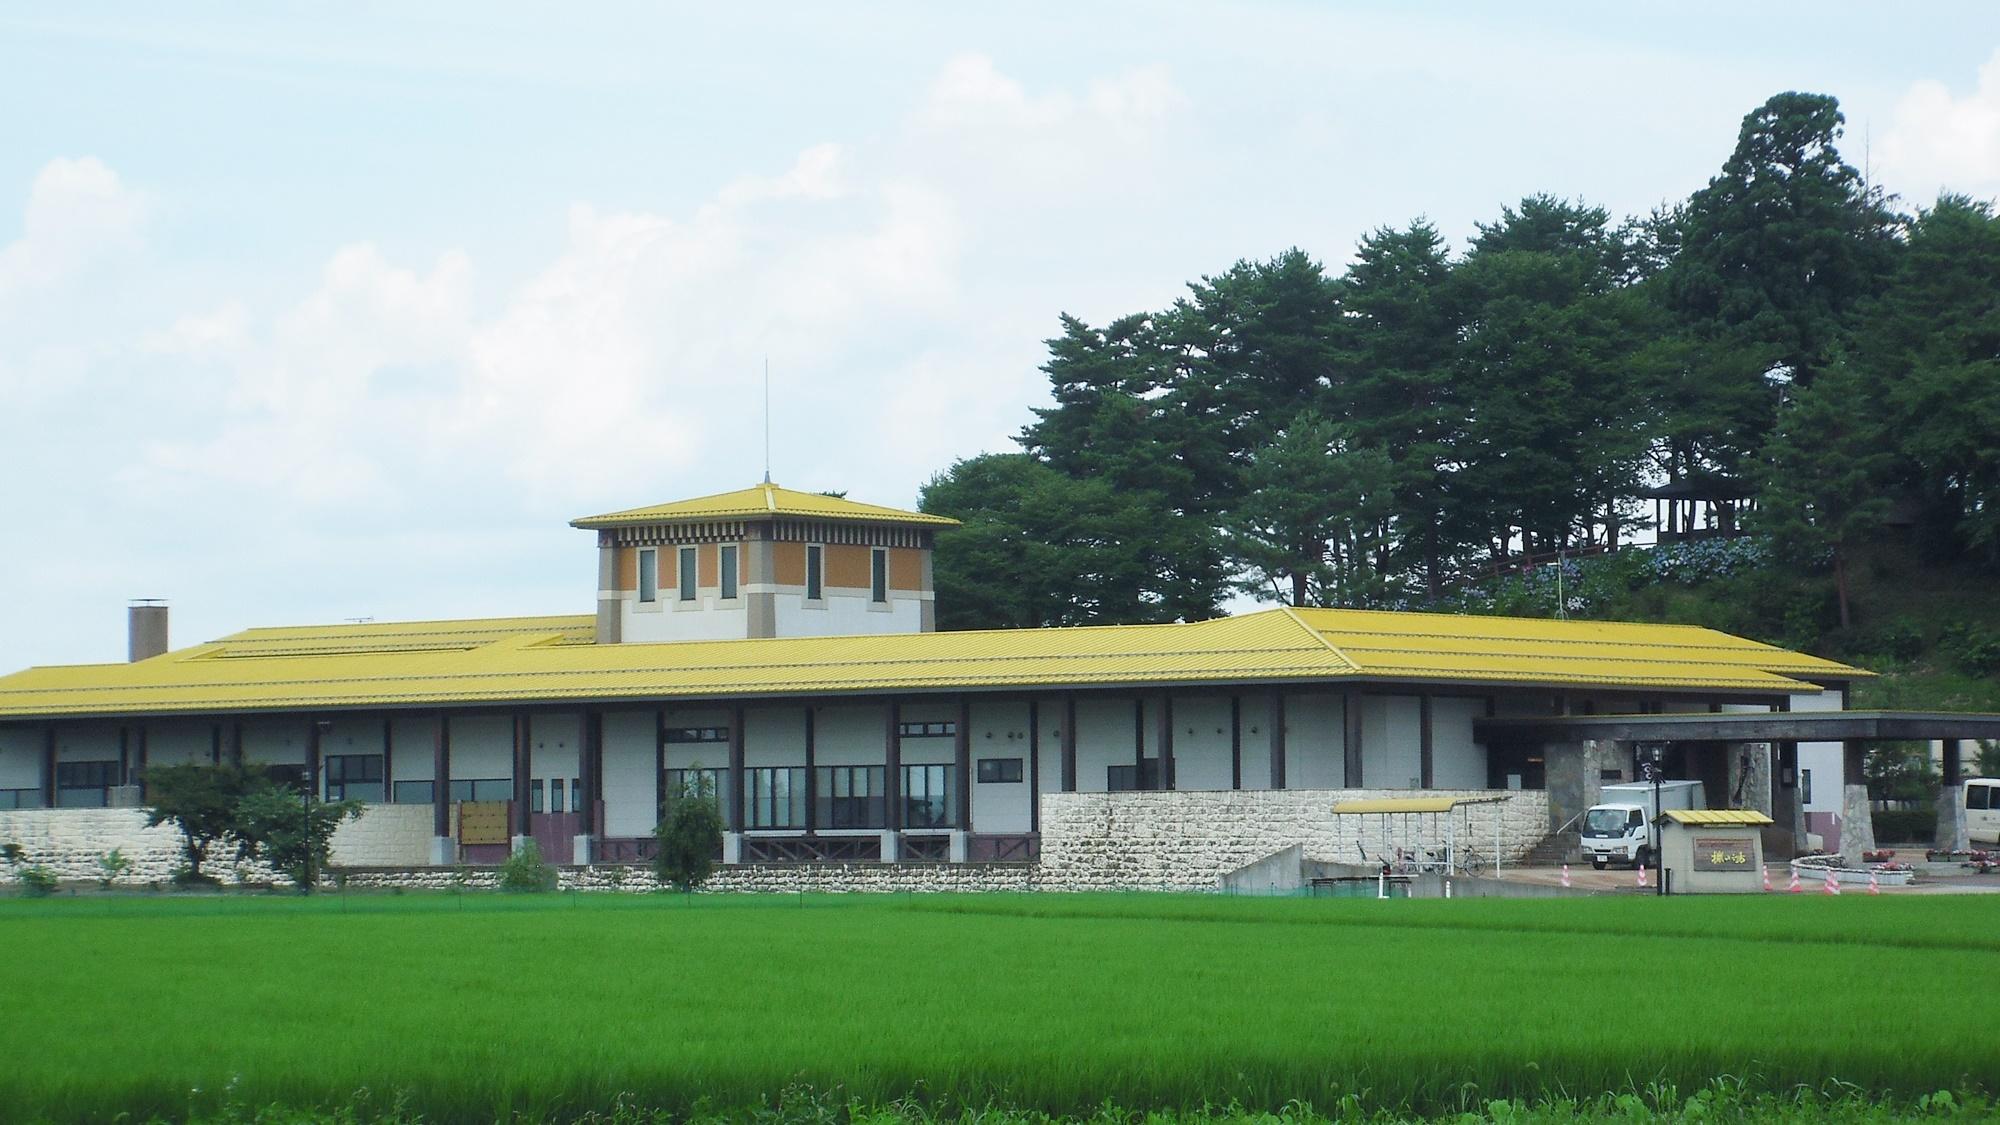 仙北温泉 史跡の里交流プラザ 柵の湯